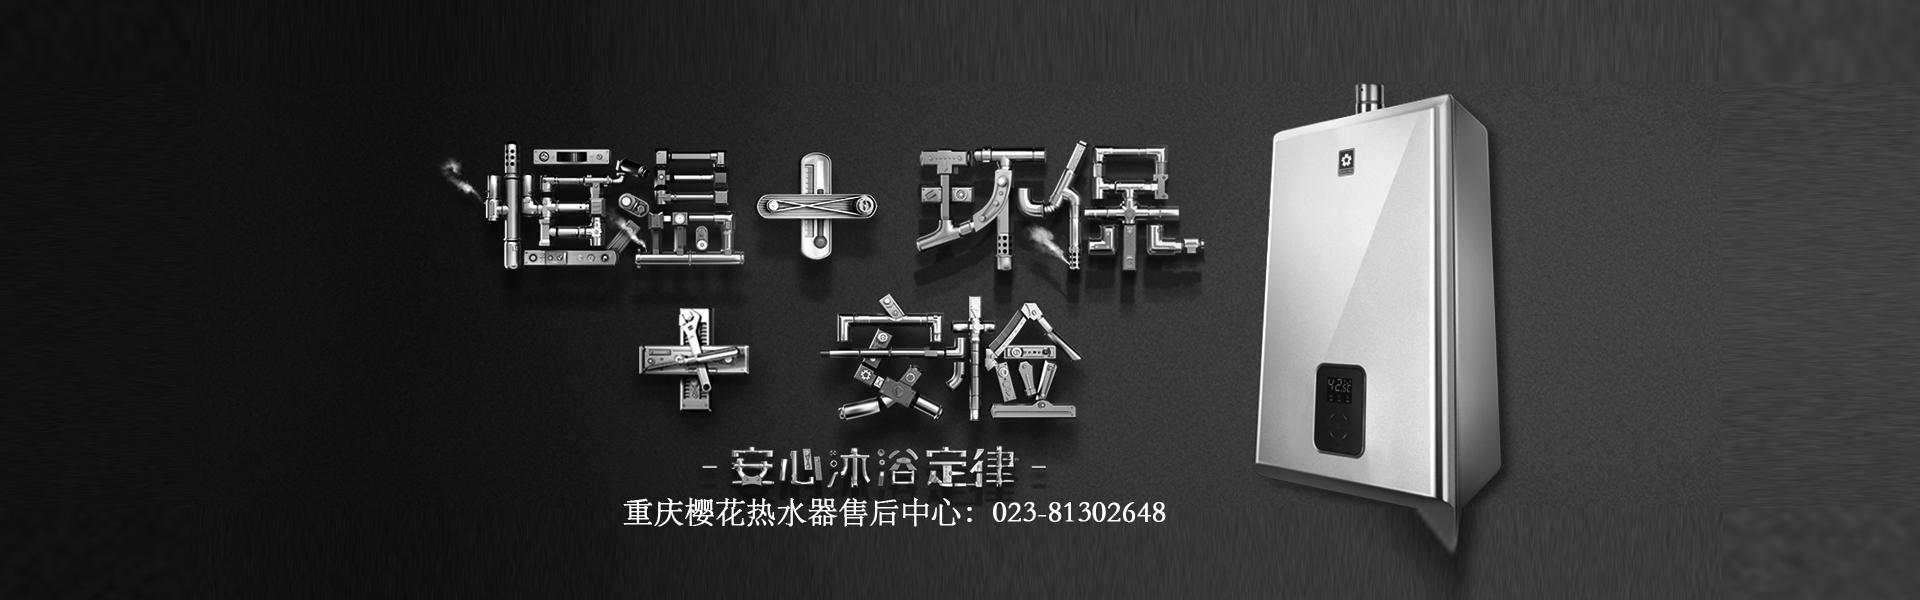 重庆樱花热水器抽油烟机维修点